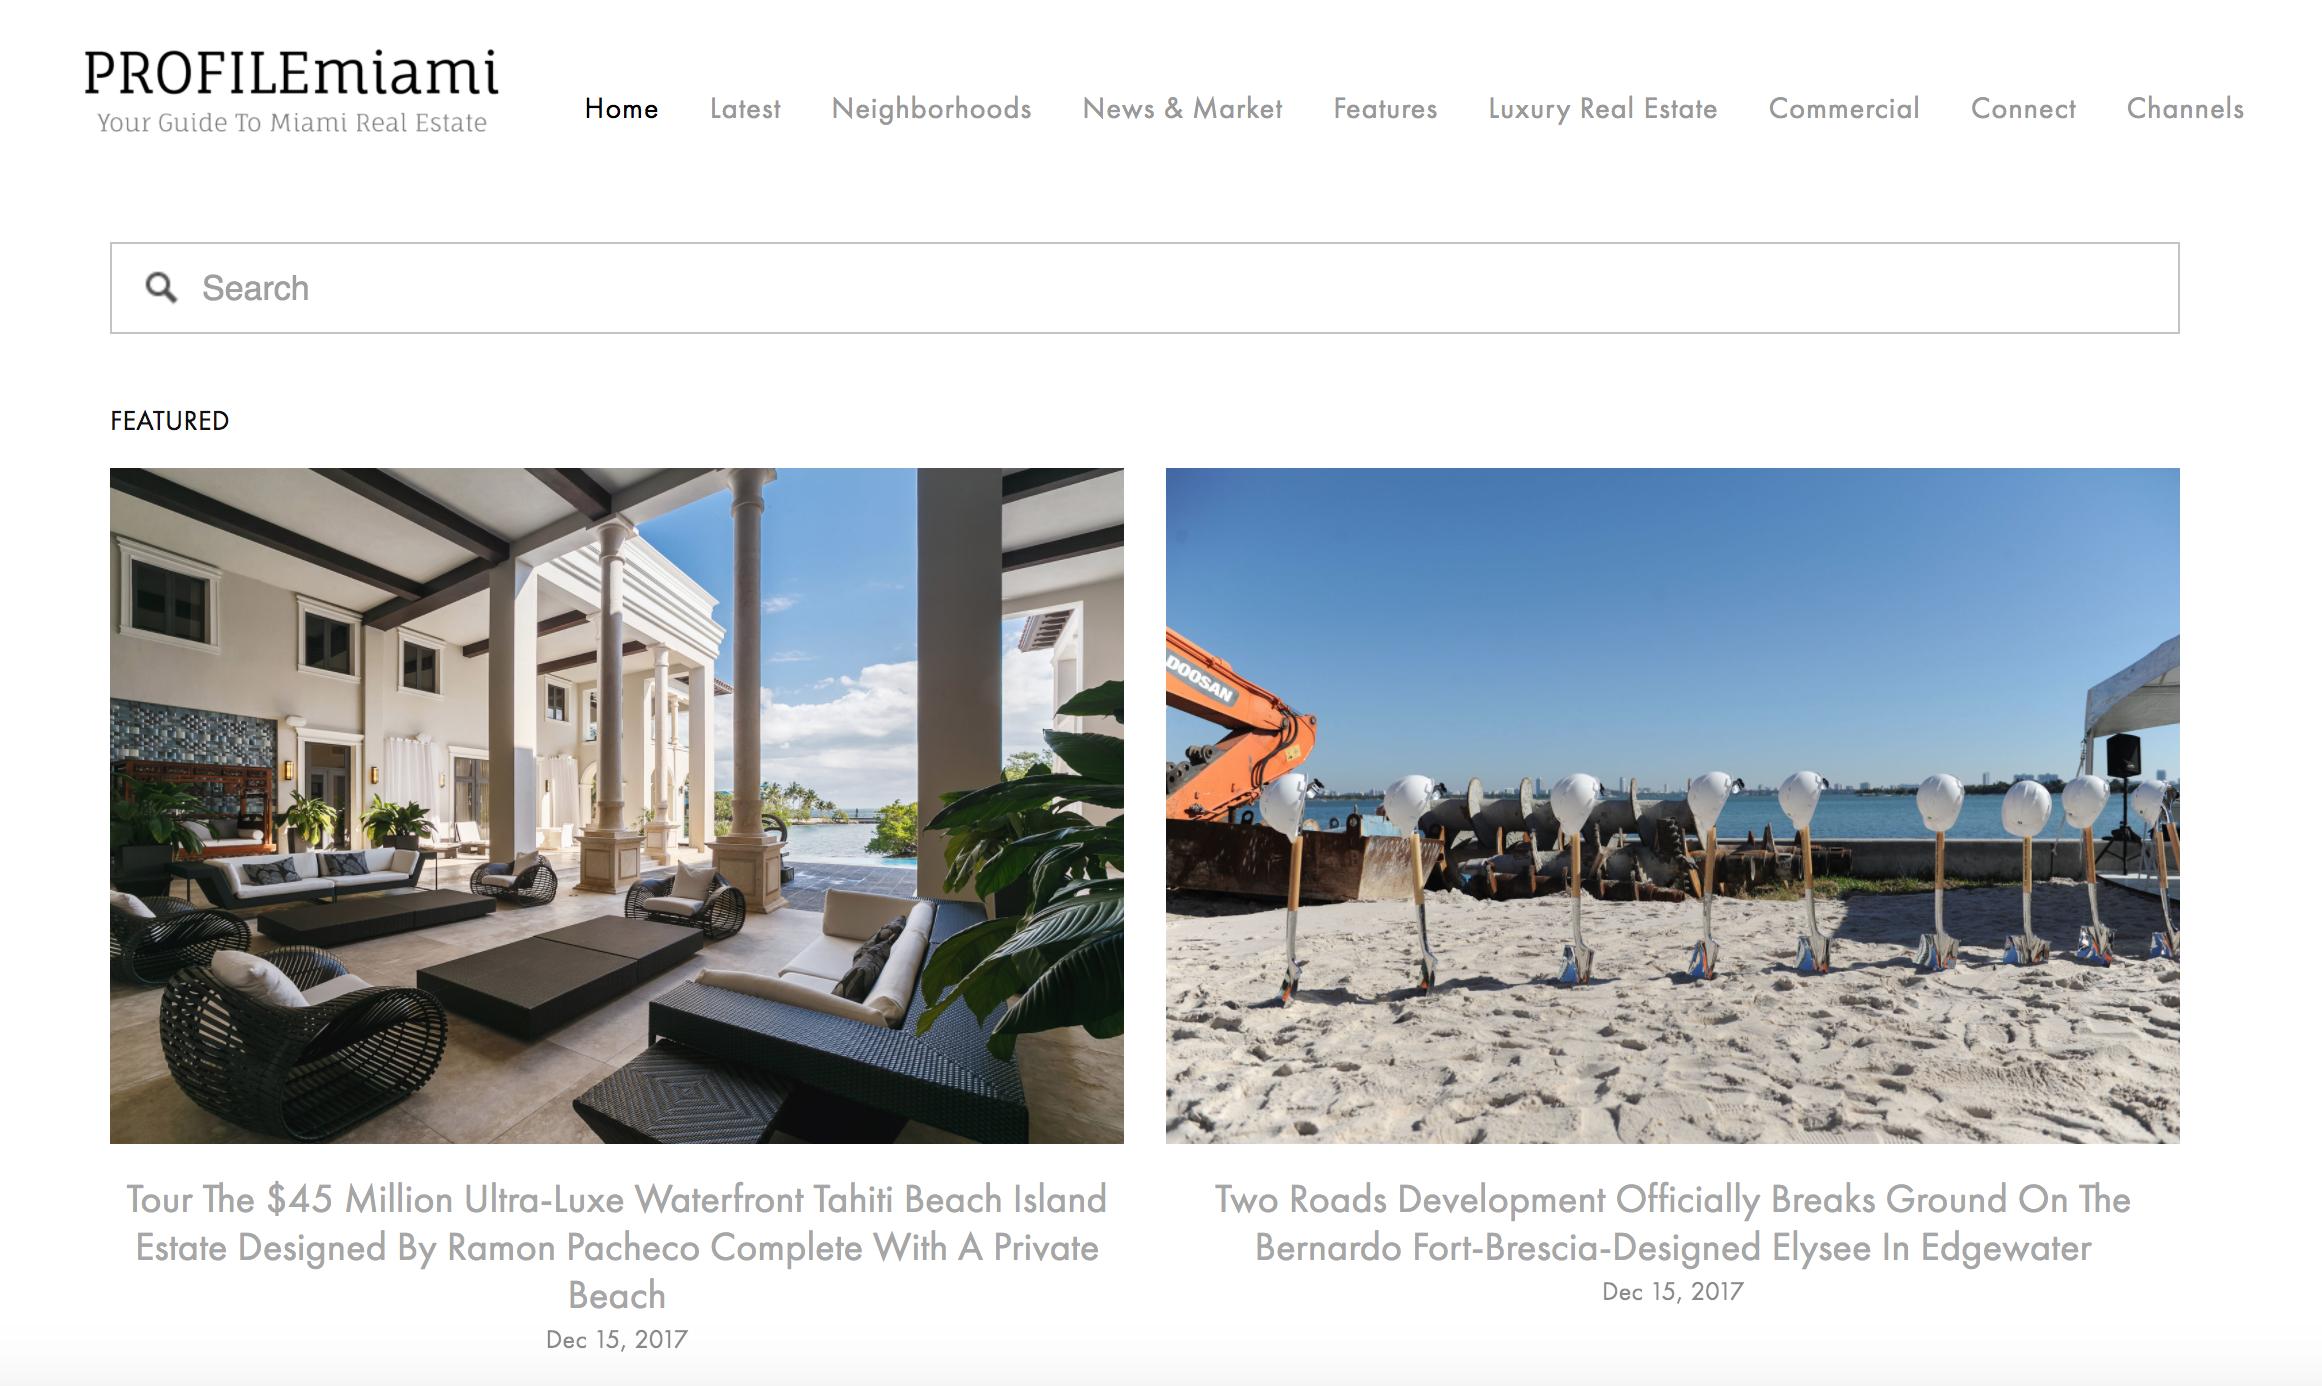 PROFILEmiami Real Estate News